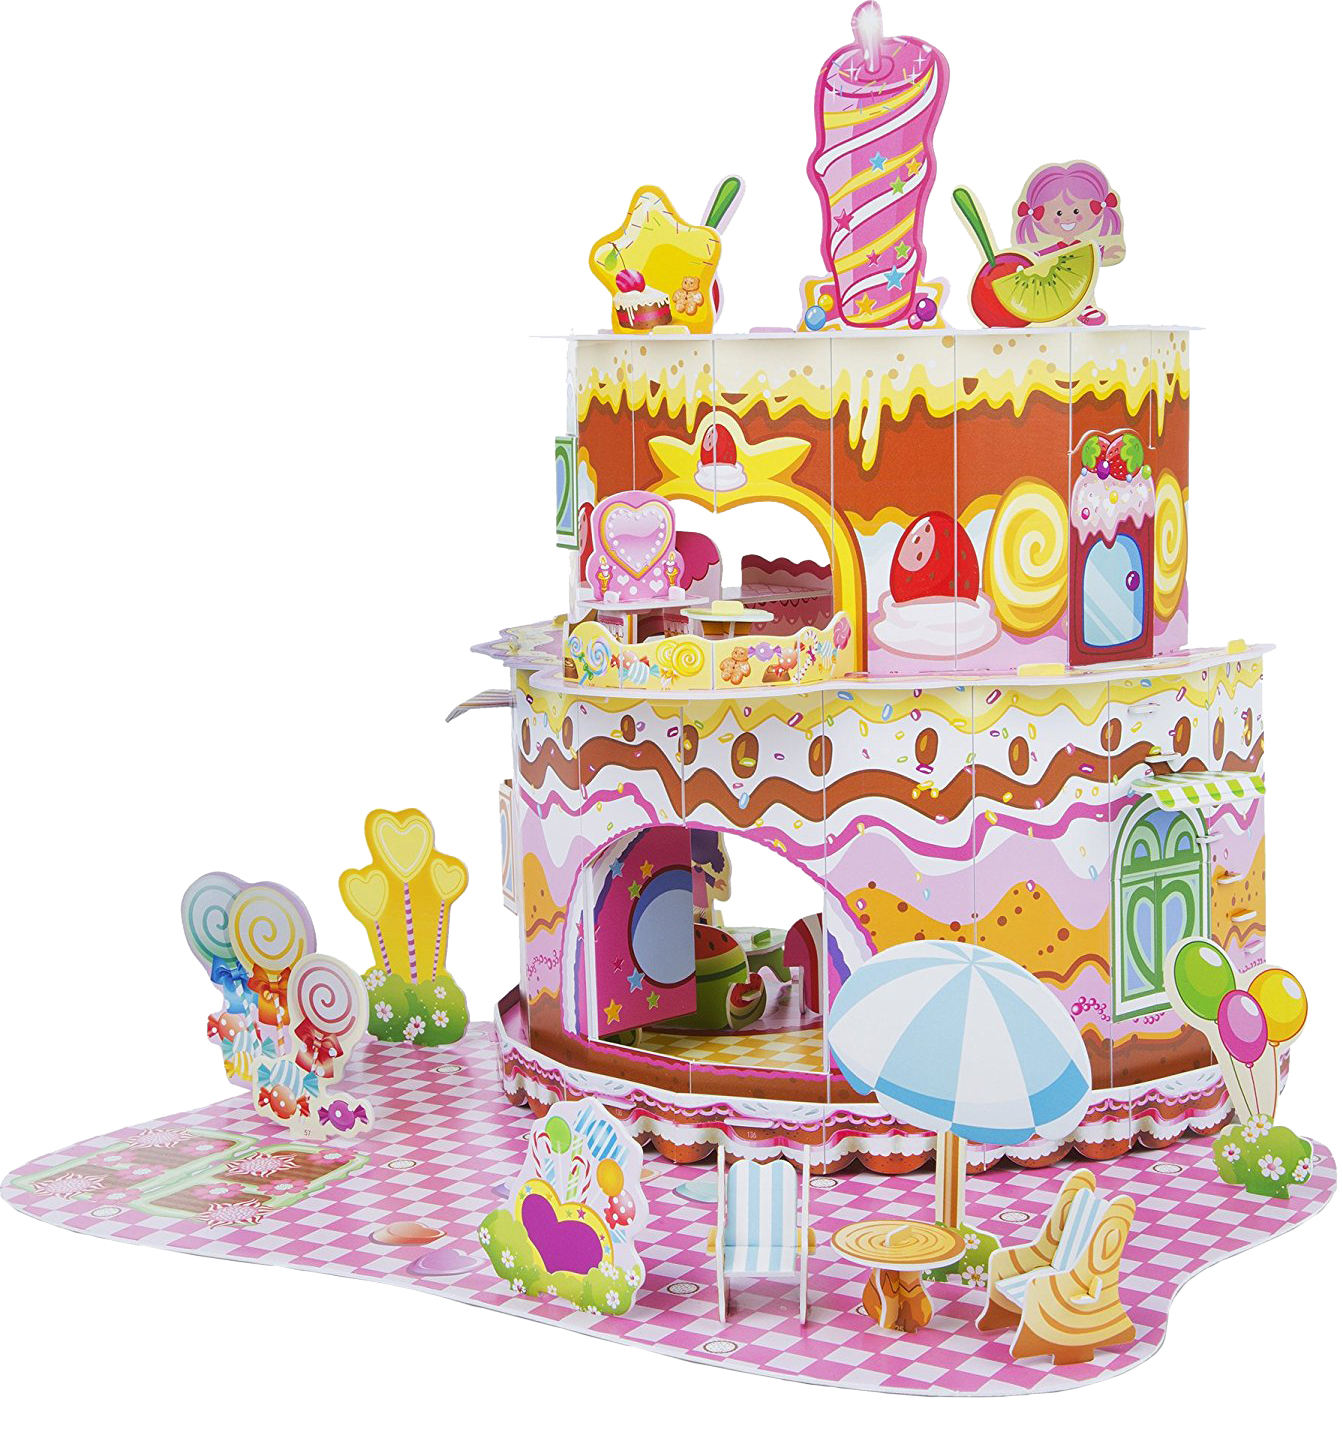 Купить Пазл Melissa&Doug 3D Домик сладостей 100 элементов 9460, Melissa & Doug, Пазлы